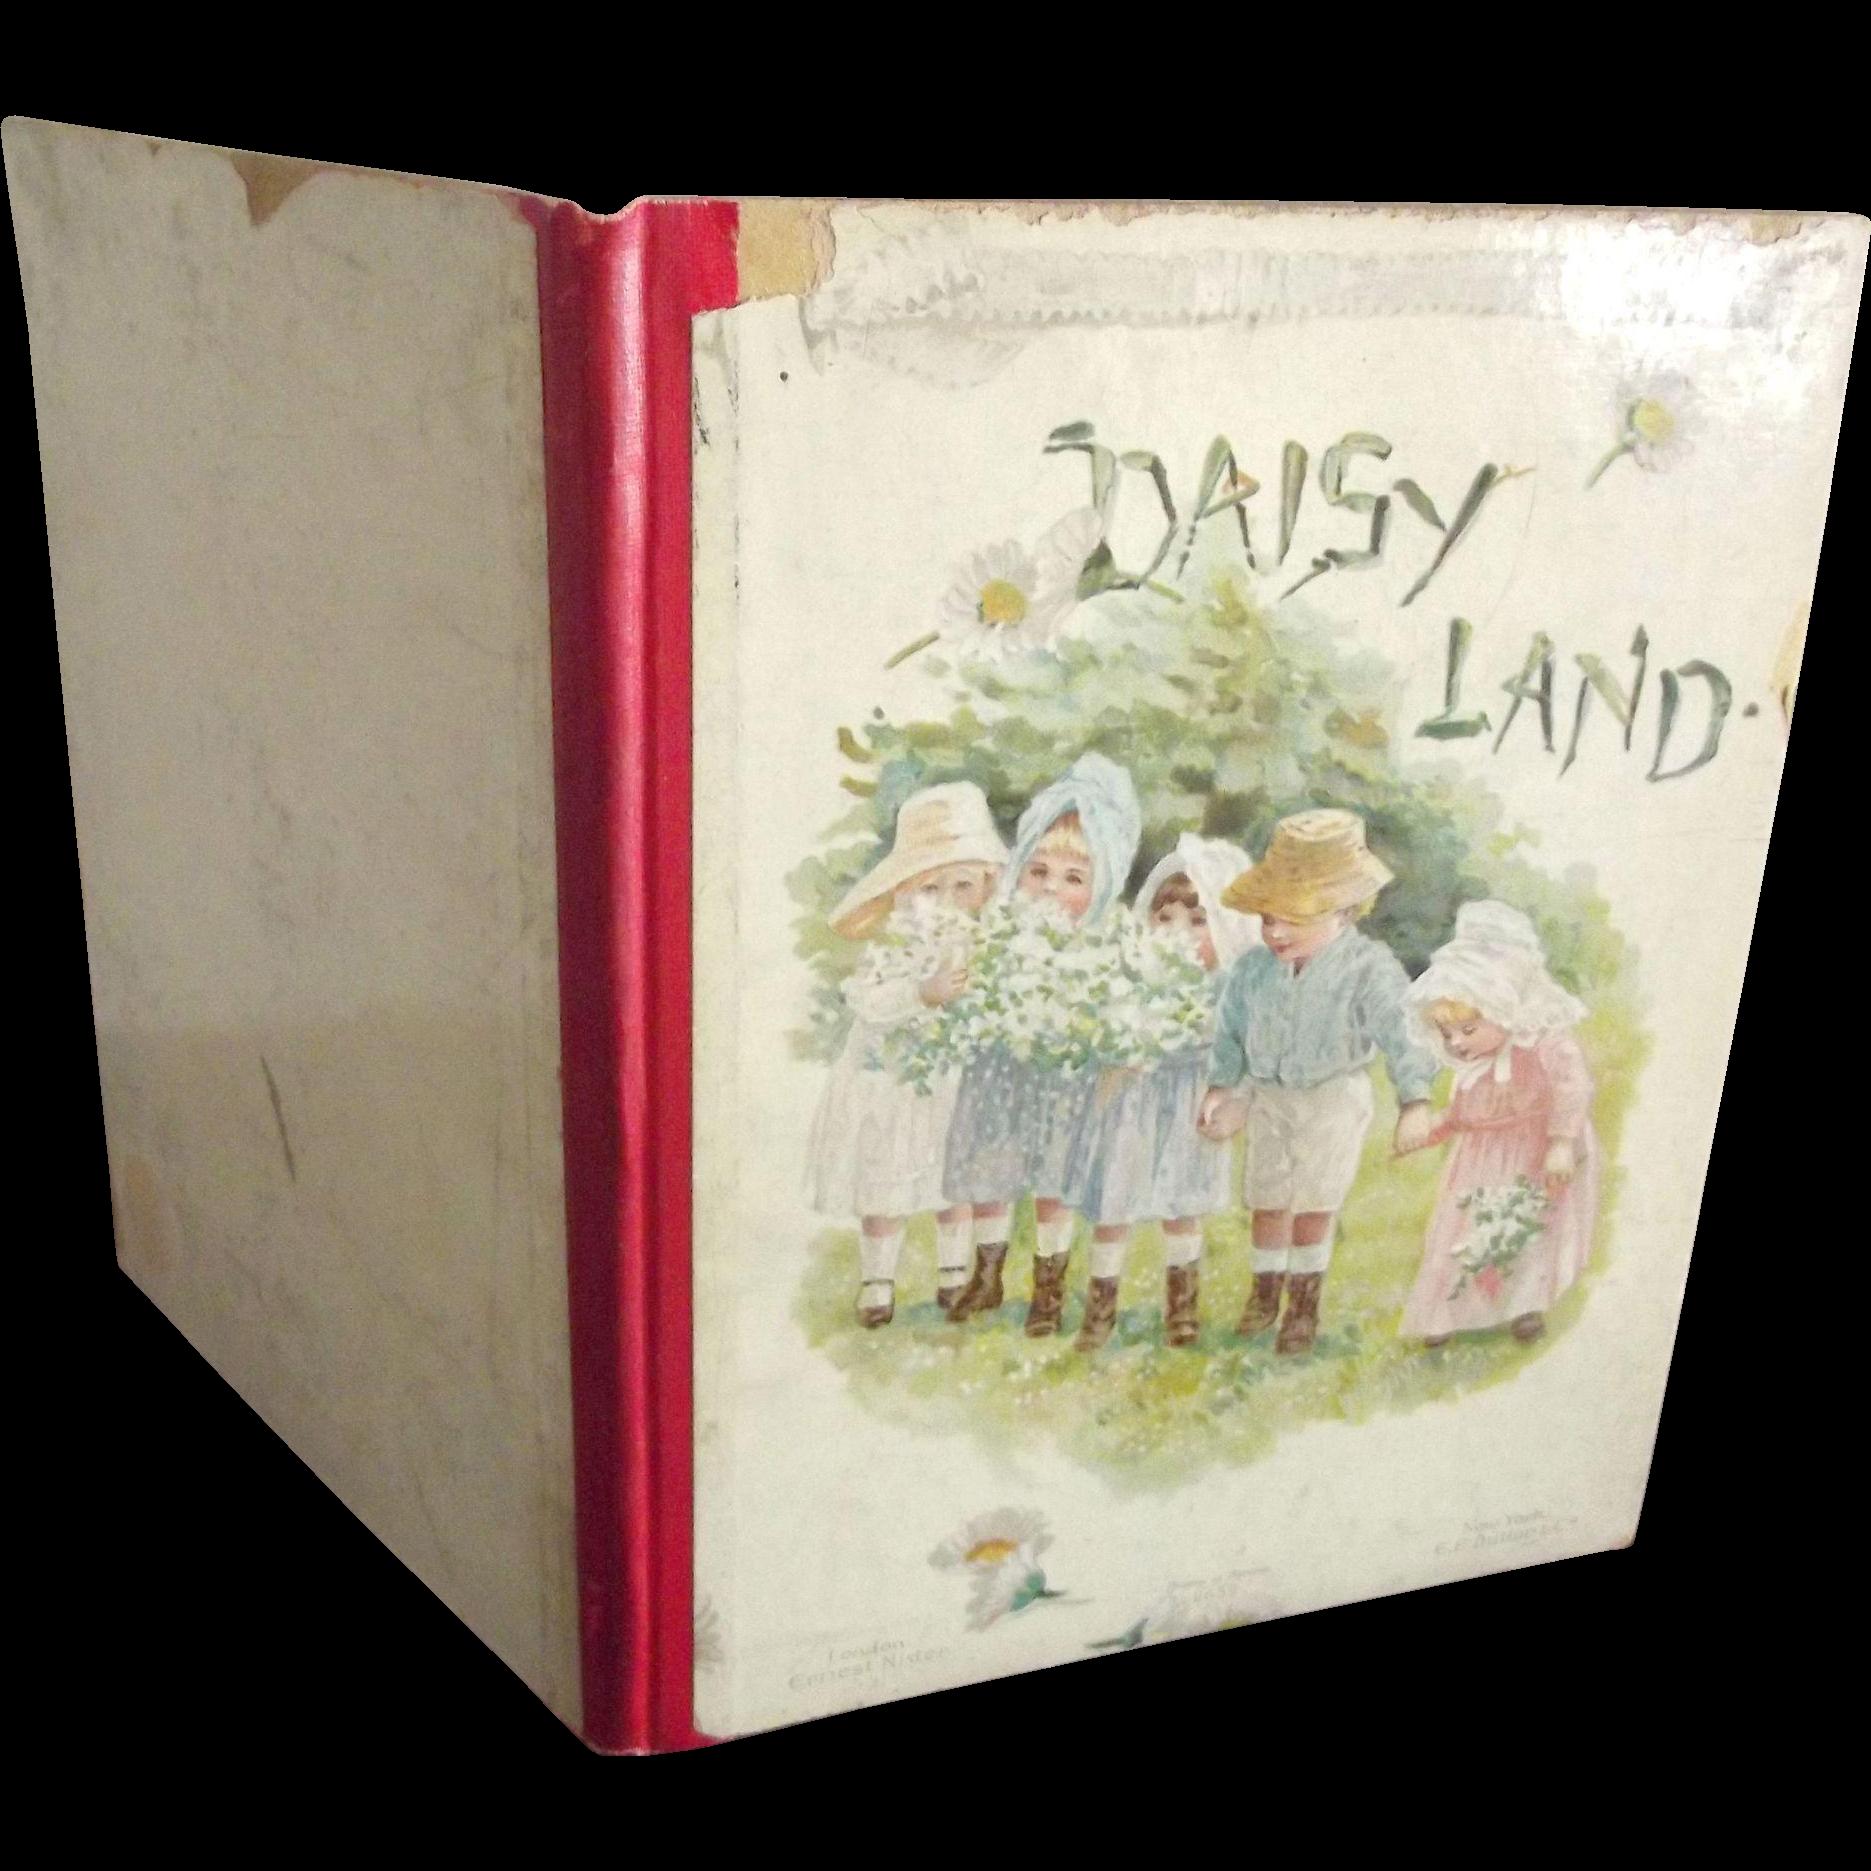 Daisy Land